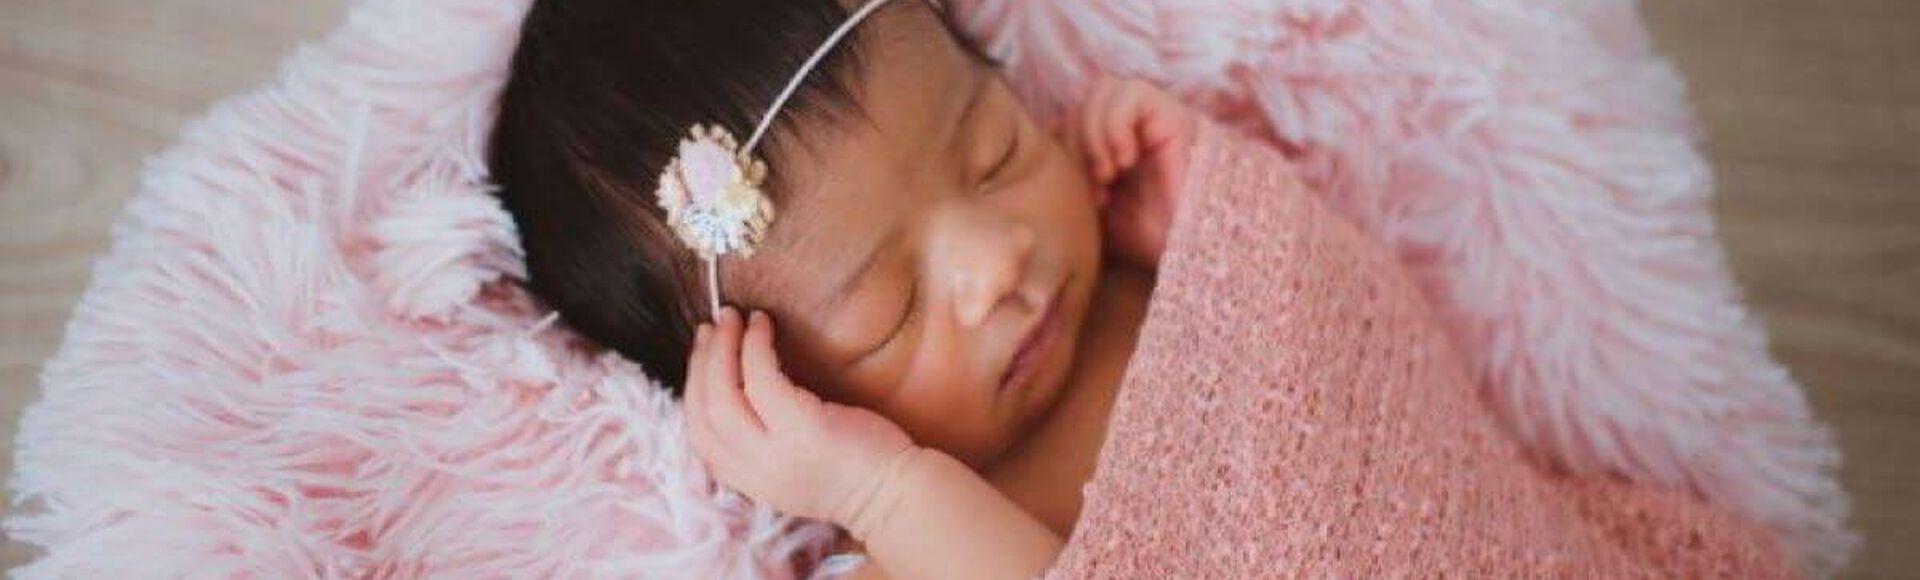 Os bebês se movem muito durante o sono